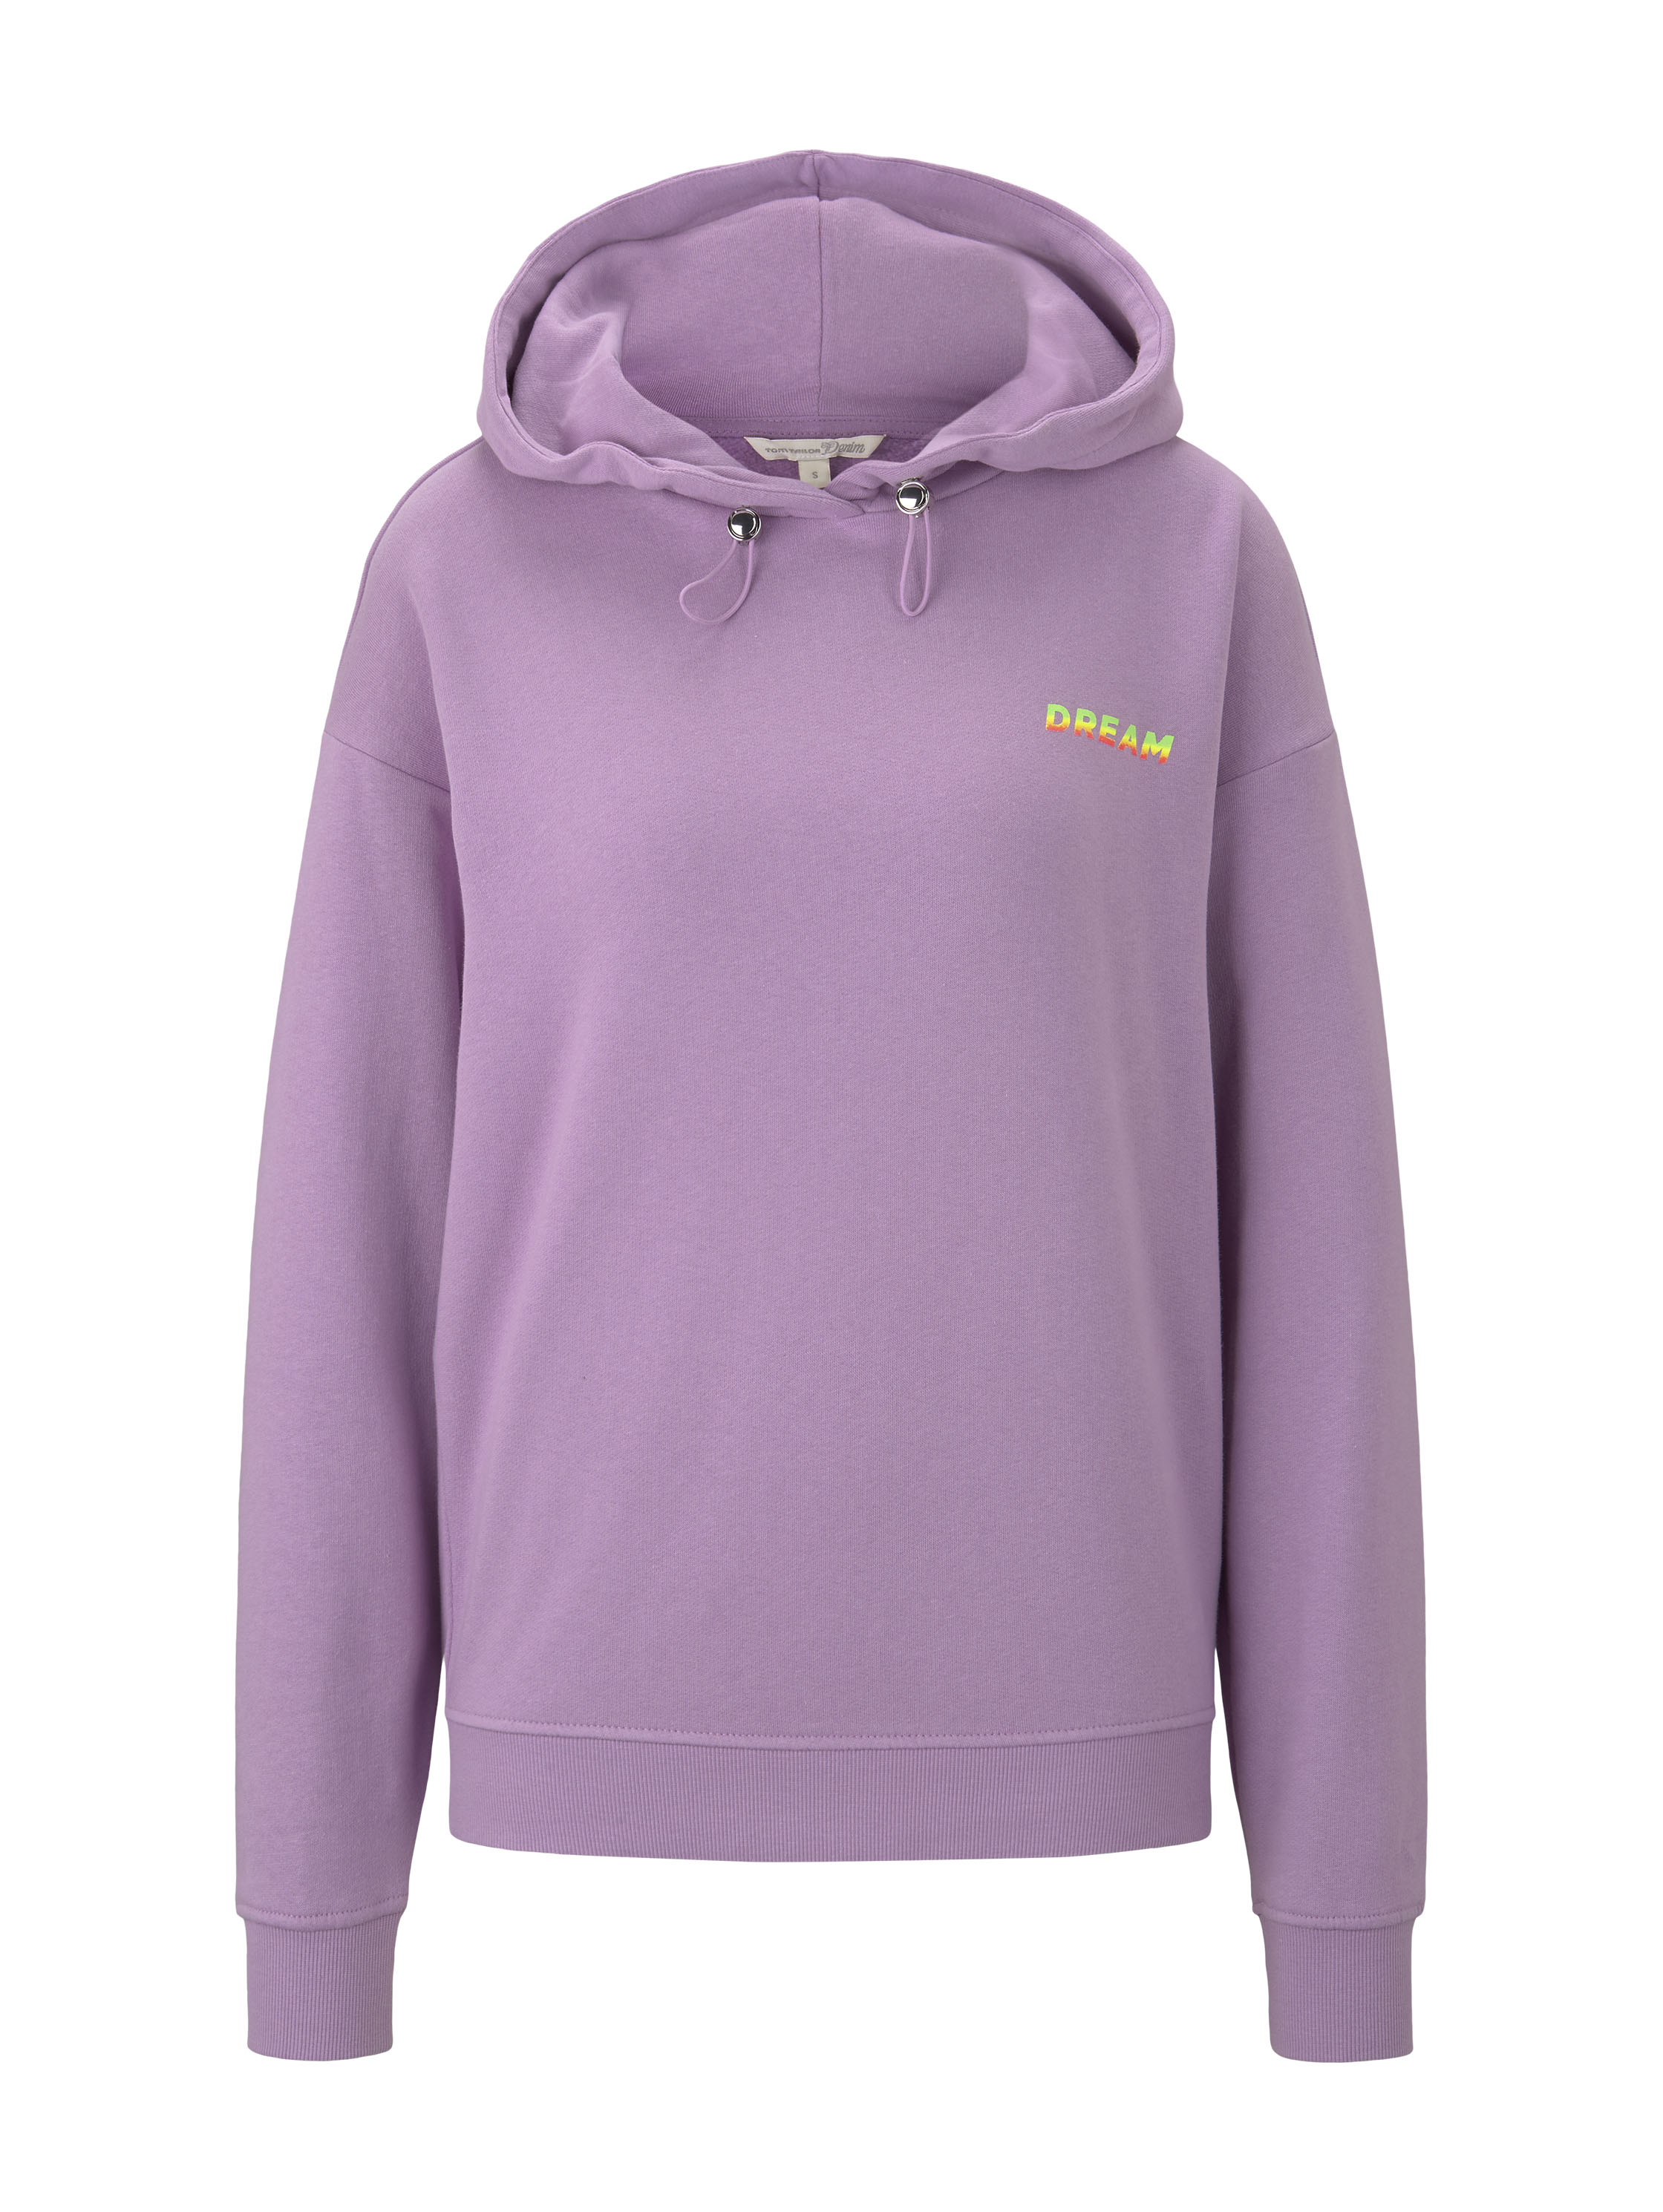 hoodie with back print artwork, sweet lavender                Purpl